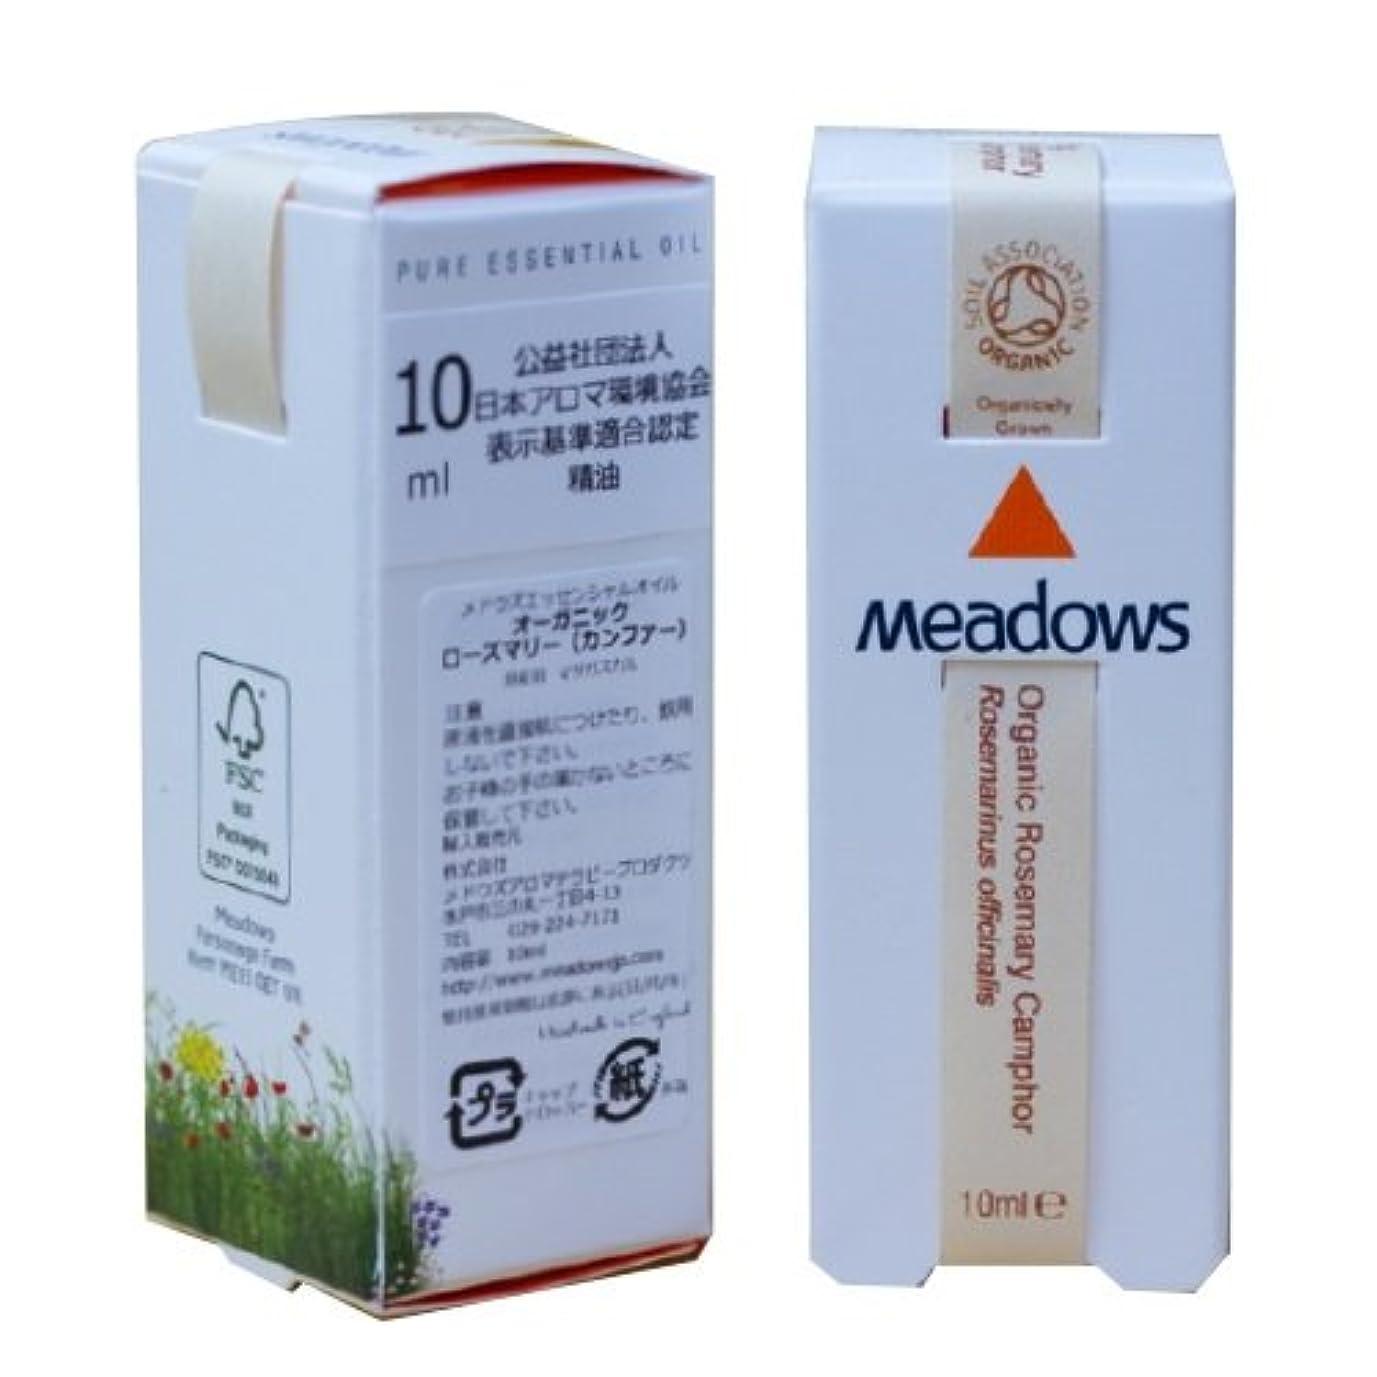 説明スライム信頼性のあるメドウズ エッセンシャルオイル ローズマリ―(カンファー) 10ml